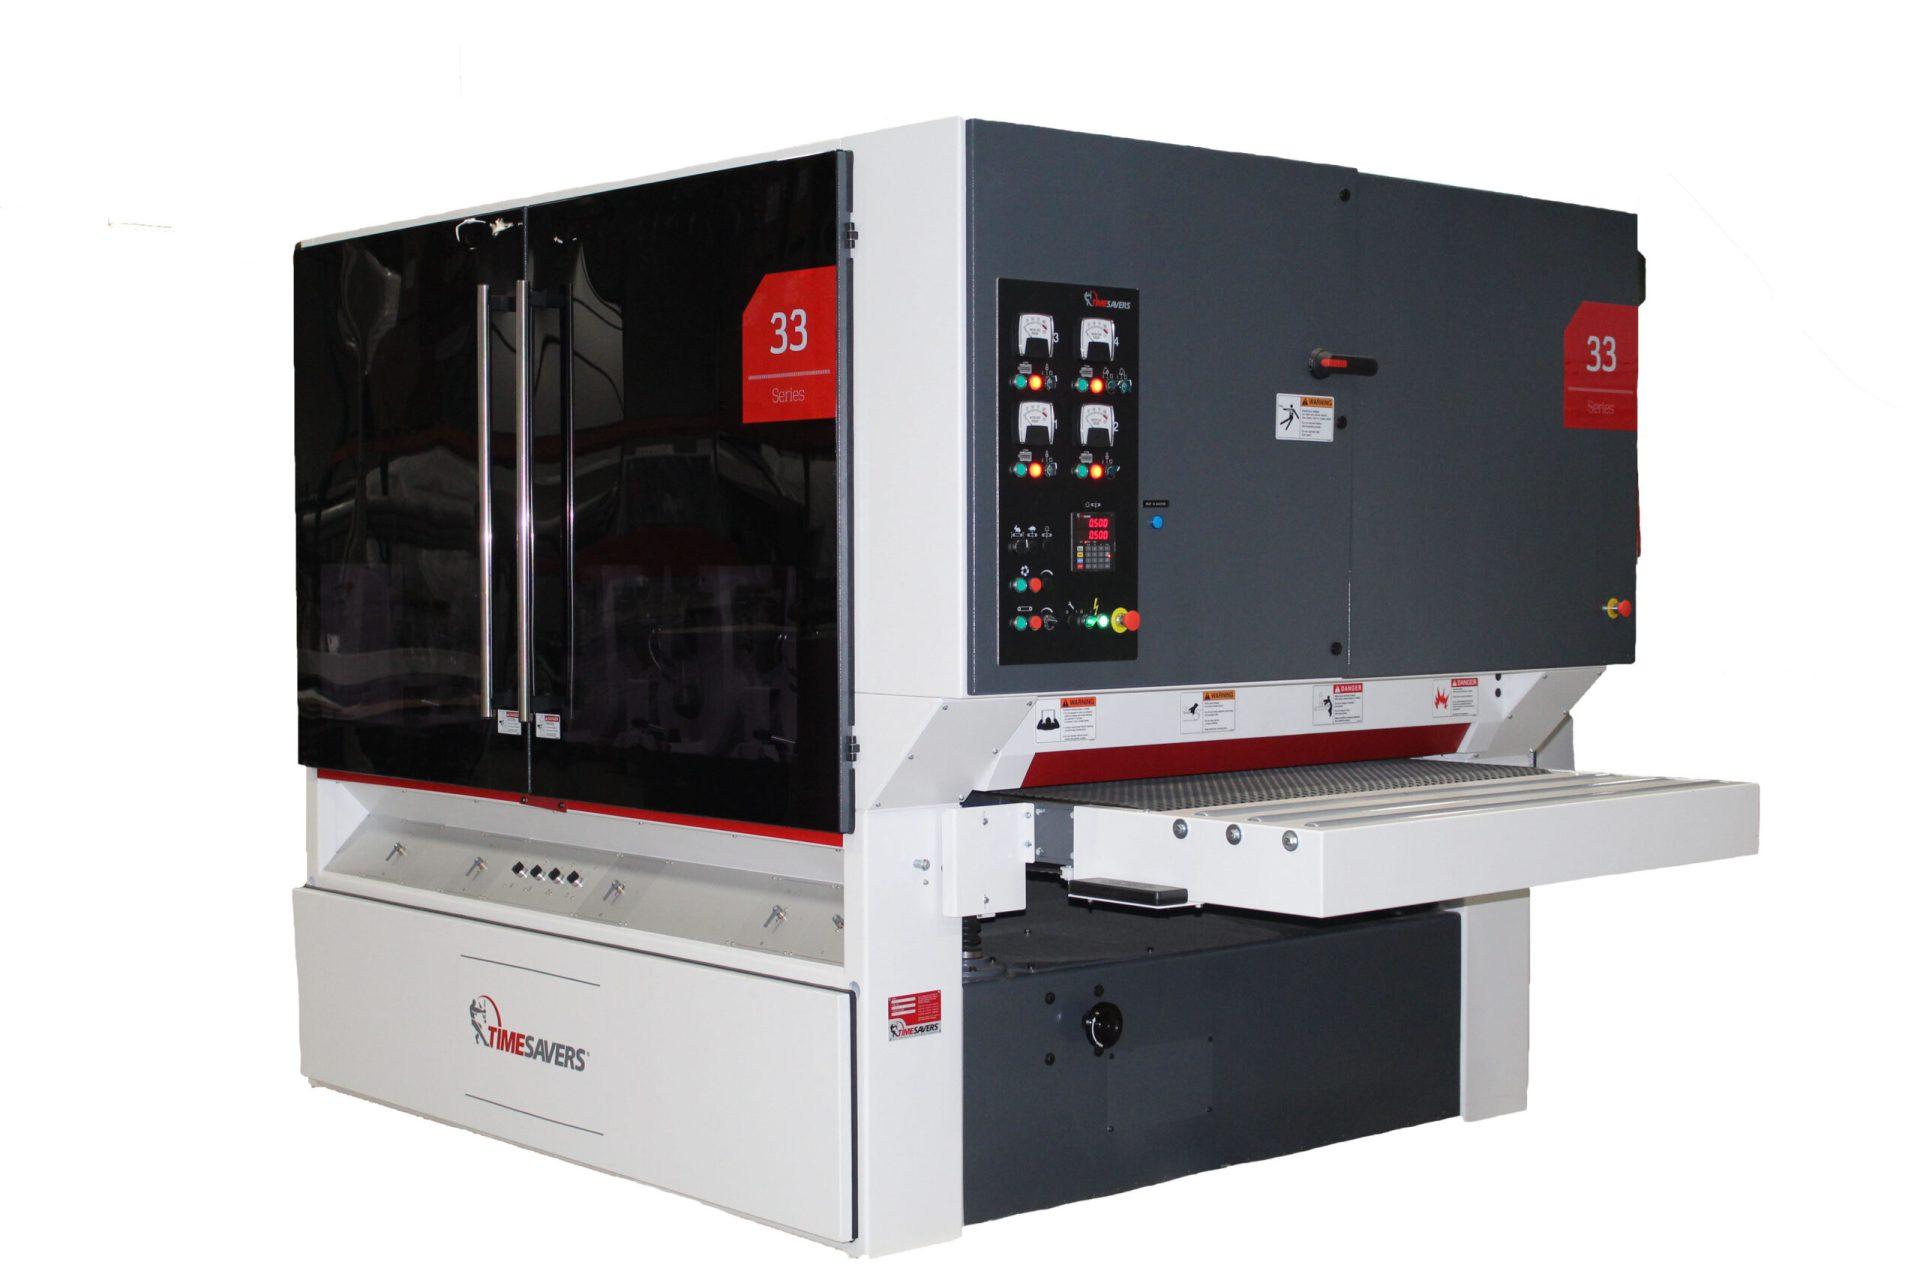 Timesavers 33 Series machine